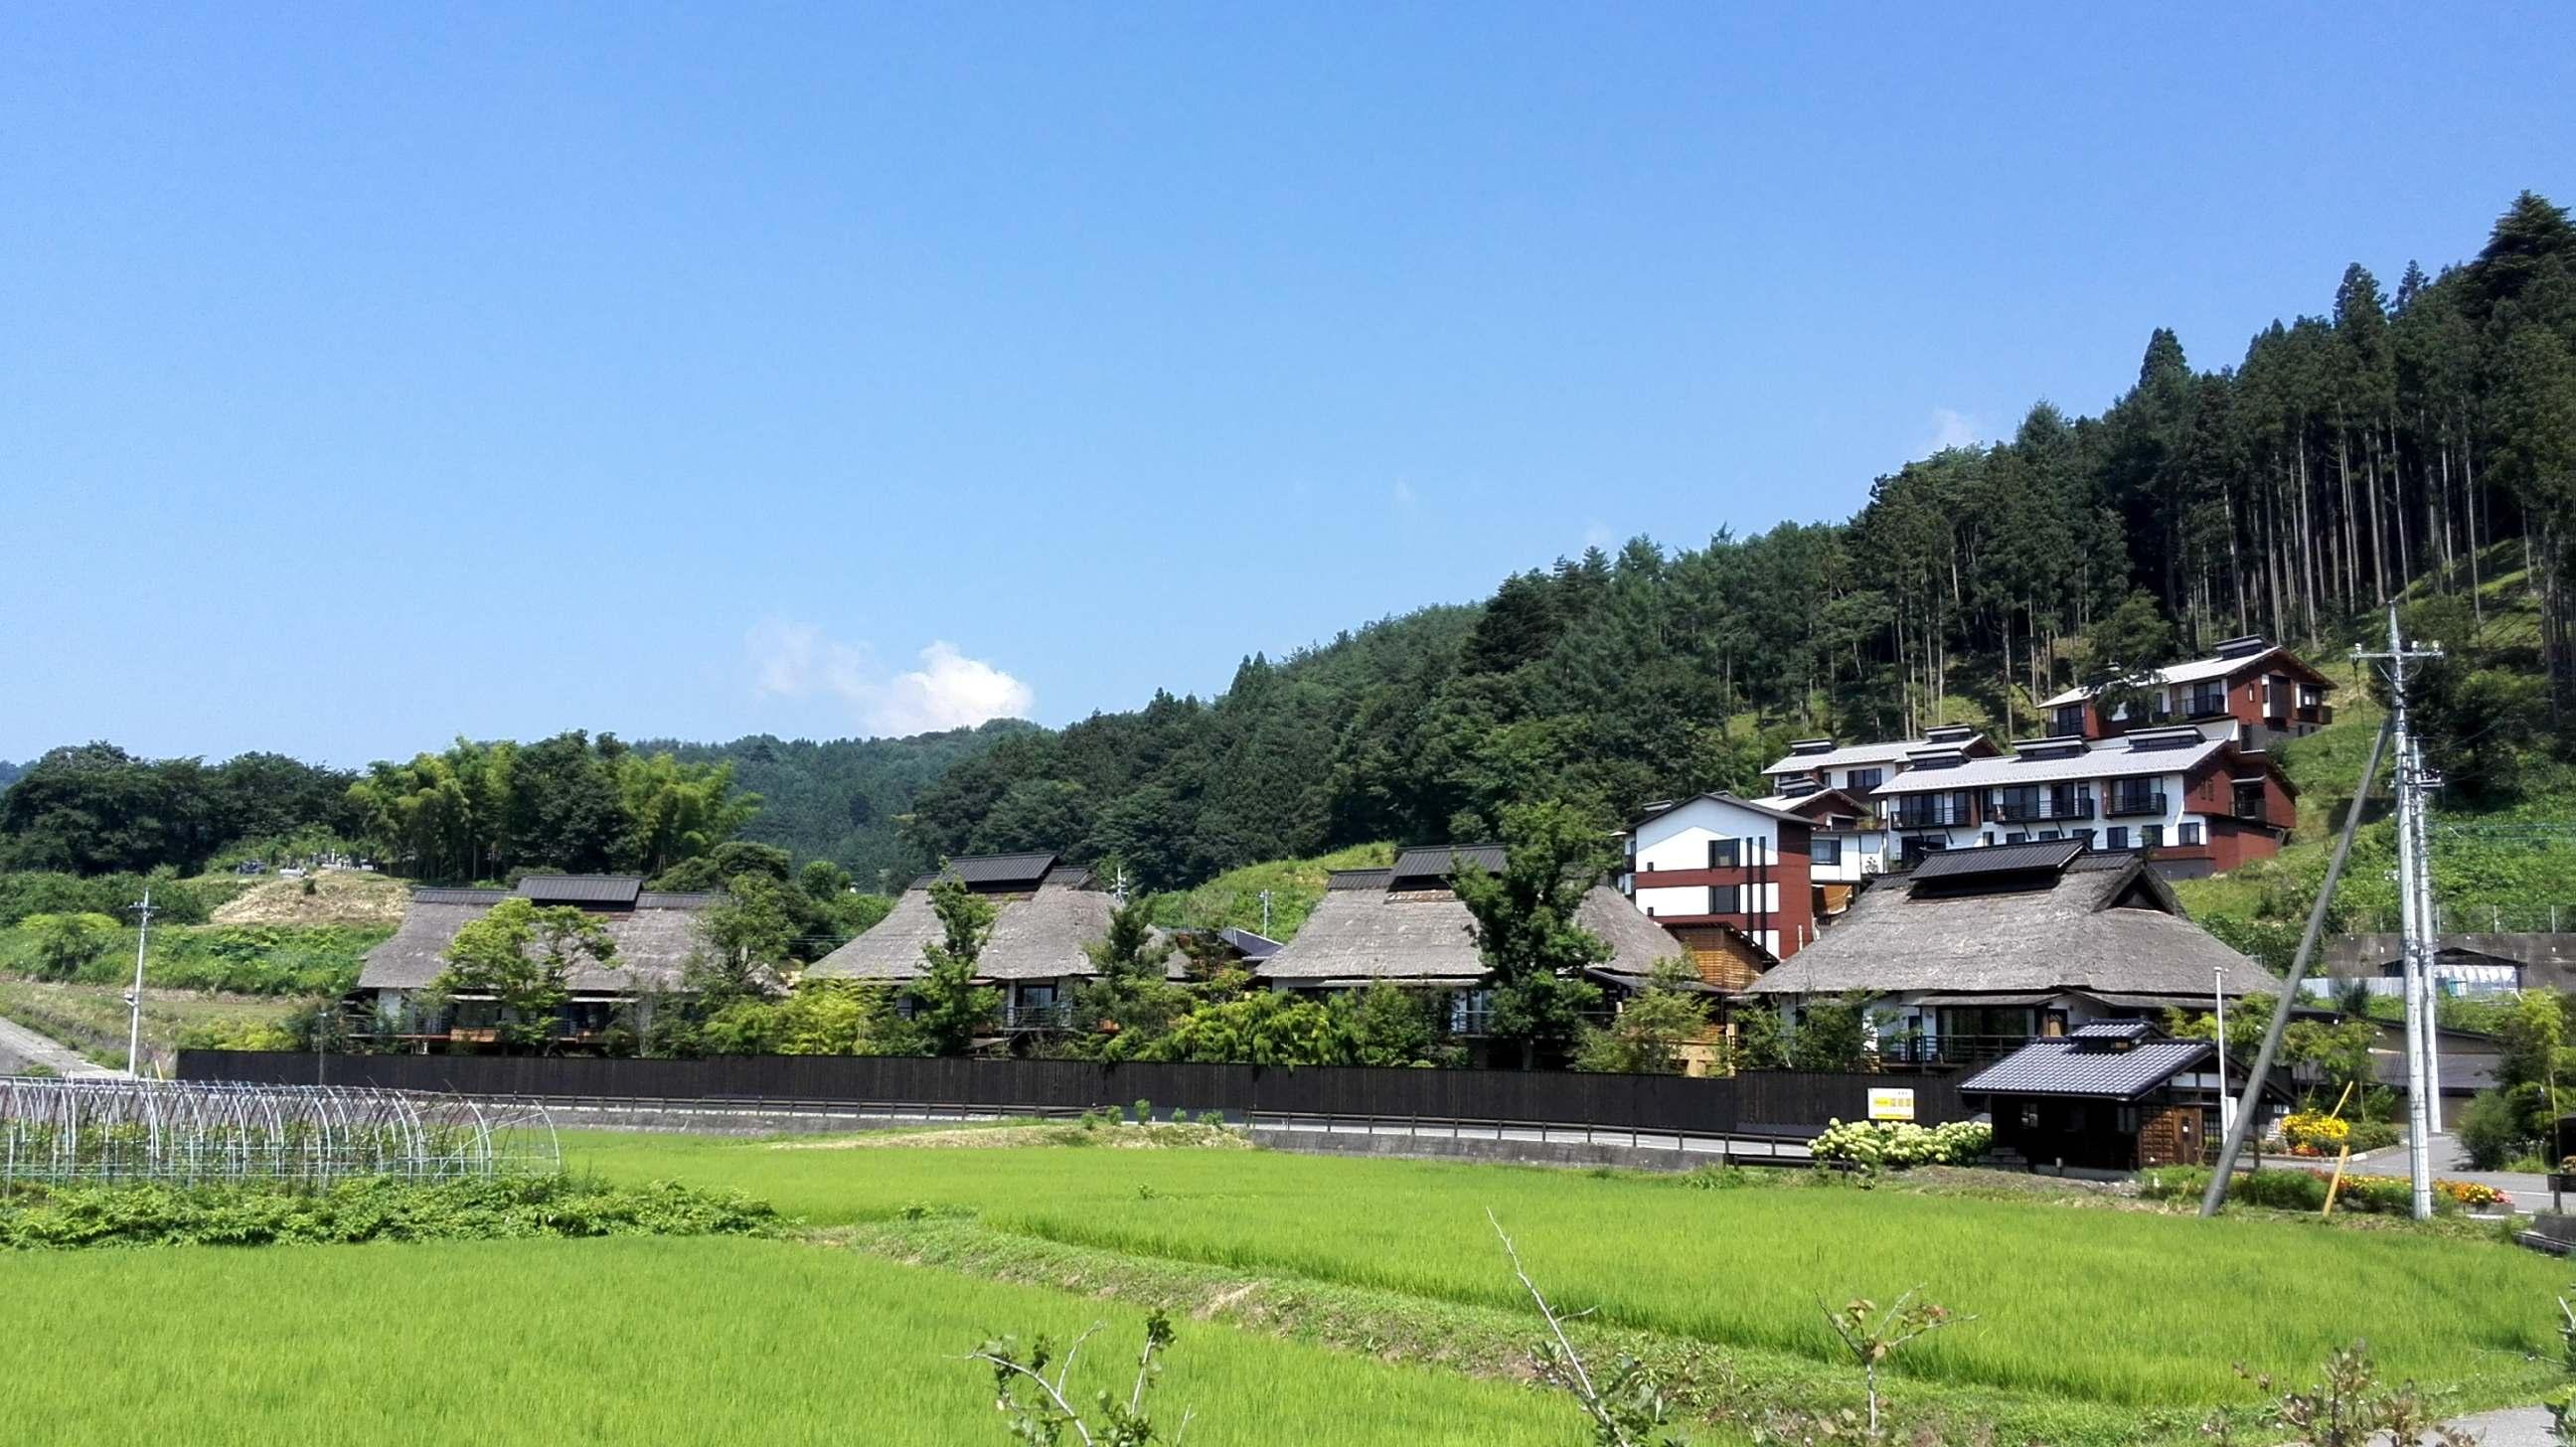 【夏休みにおすすめ 群馬旅】 源泉湯宿 悠湯里庵に宿泊!